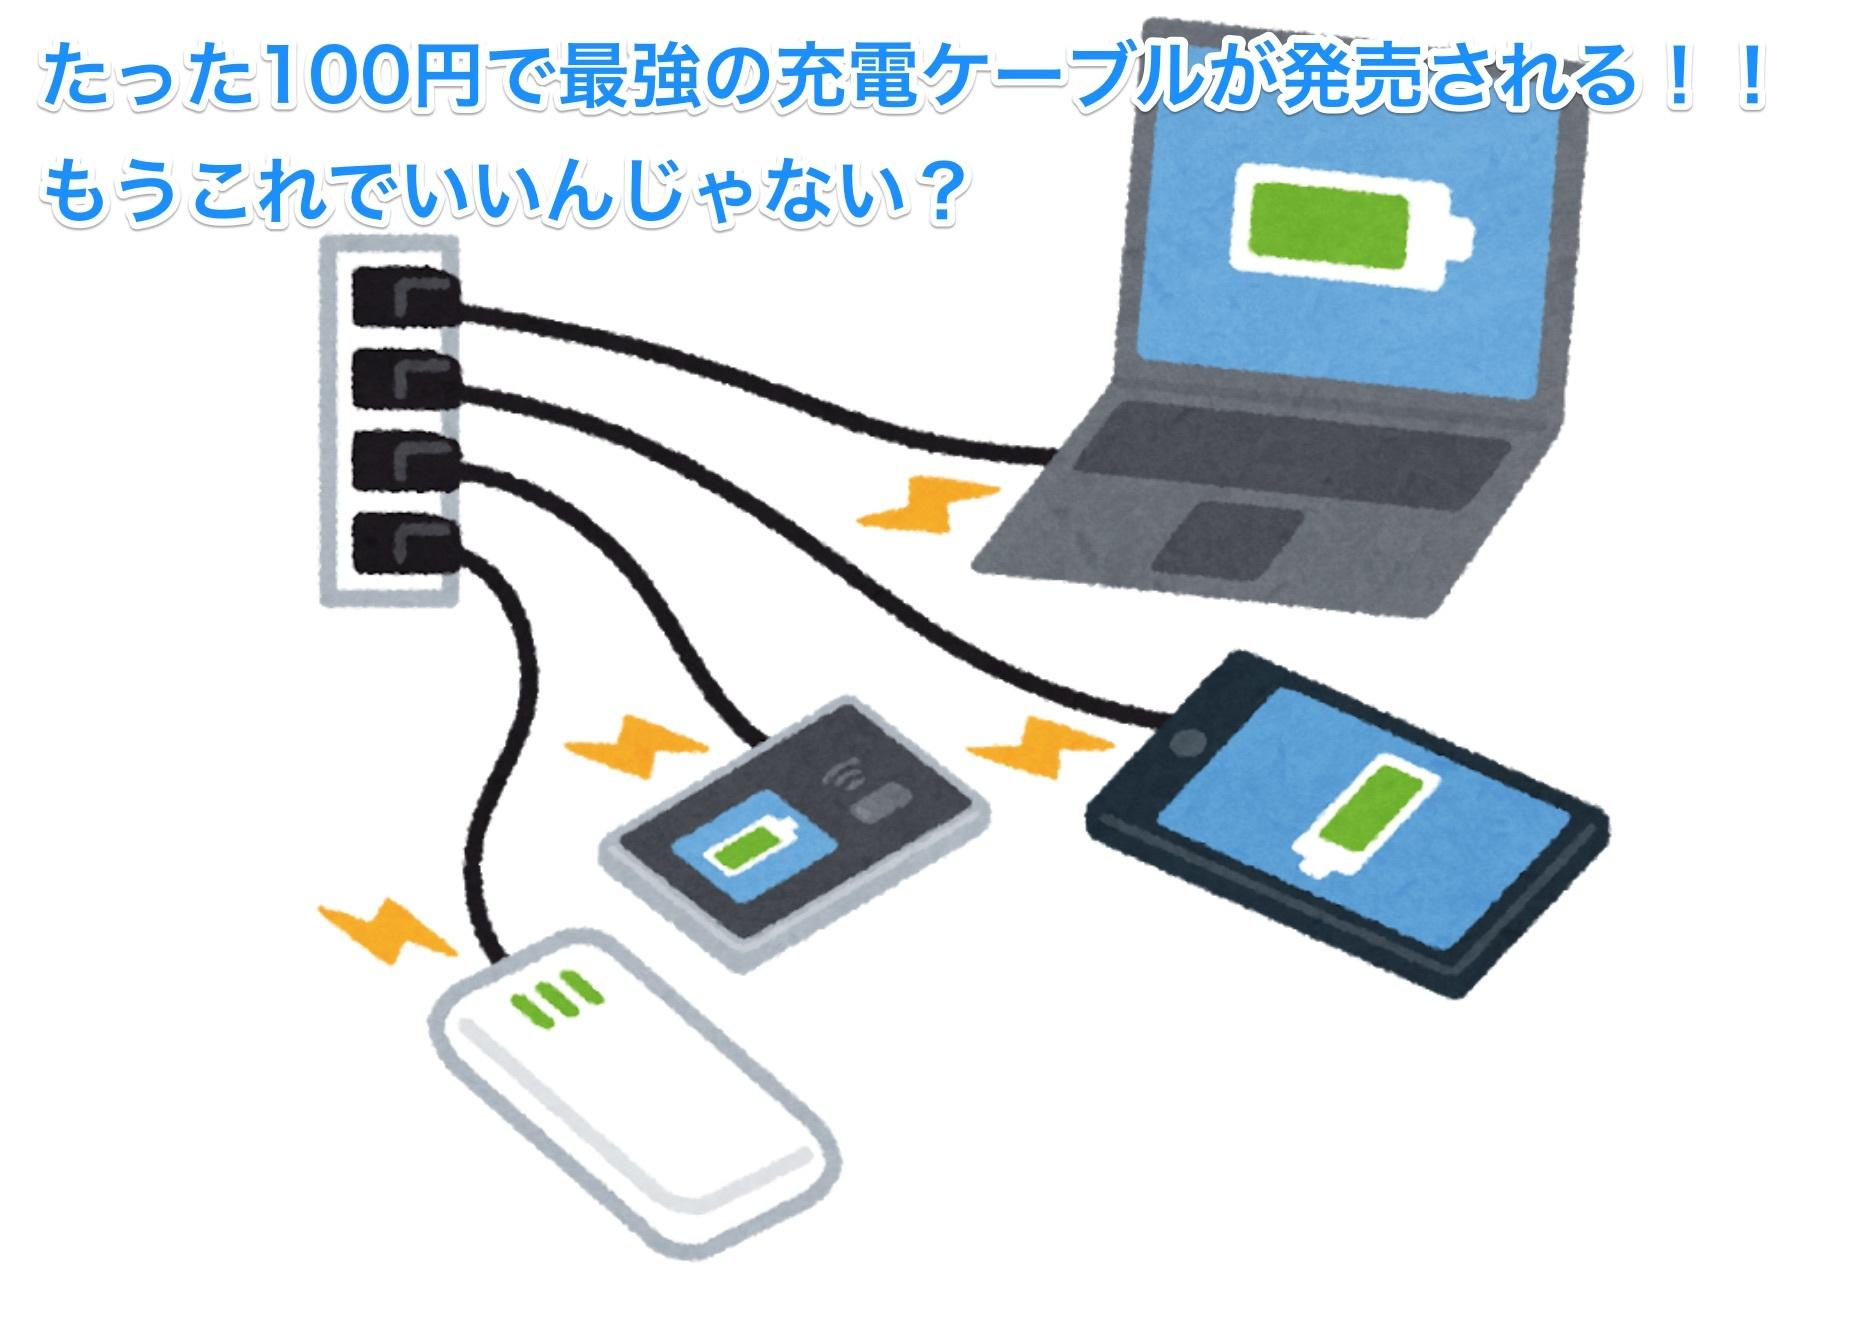 100円ケーブル-1